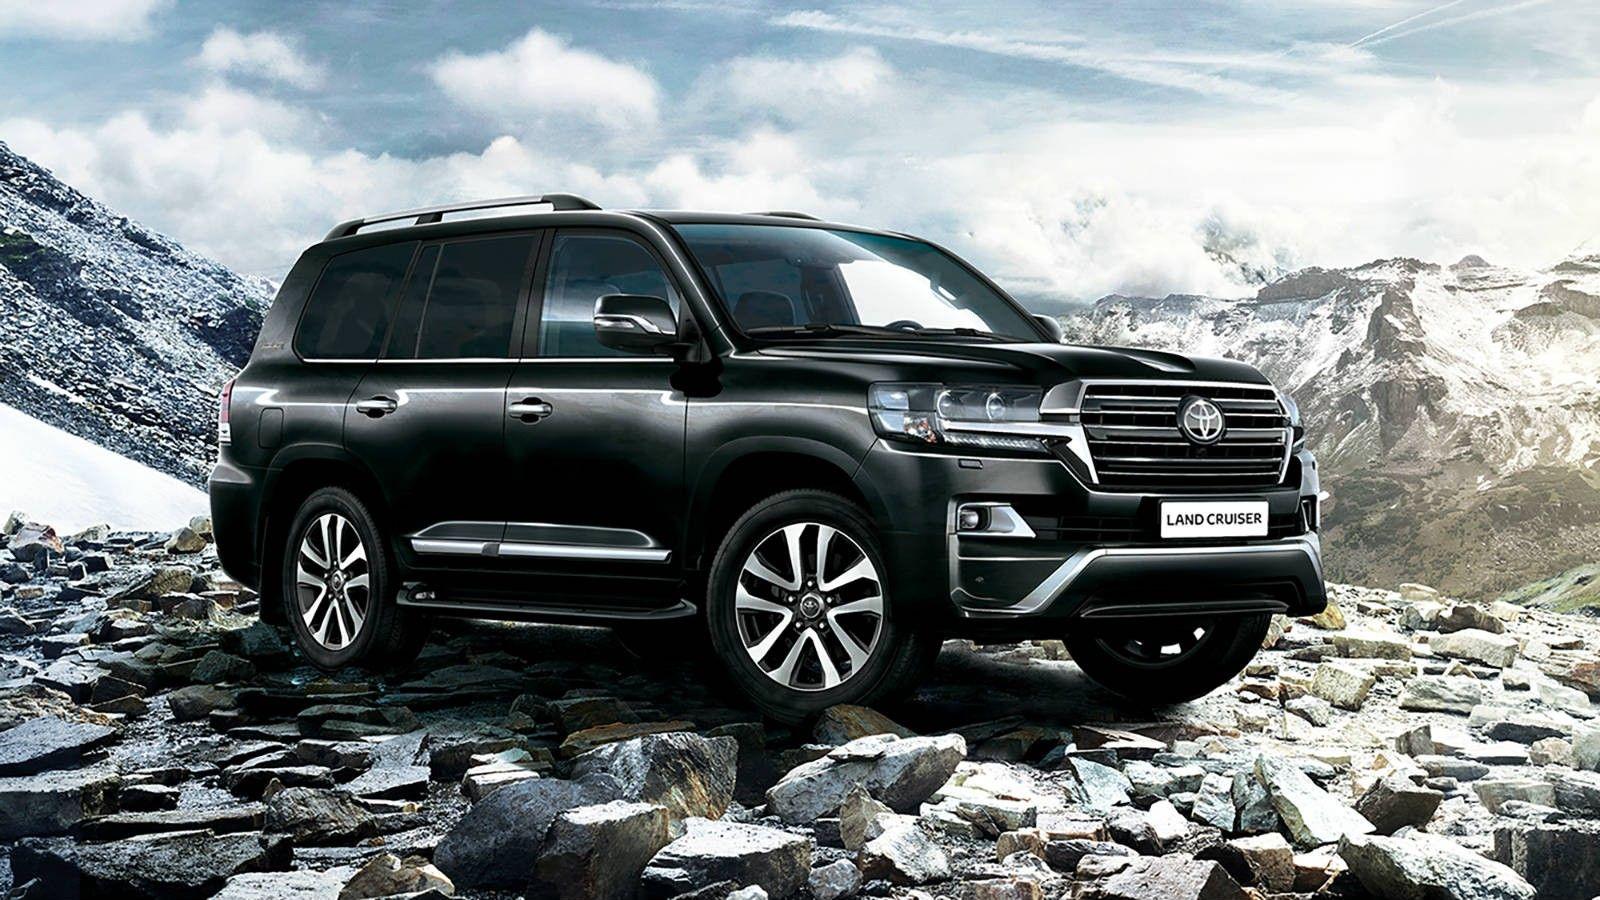 Специалисты назвали автомобильные бренды ссамым лучшим сервисом в РФ